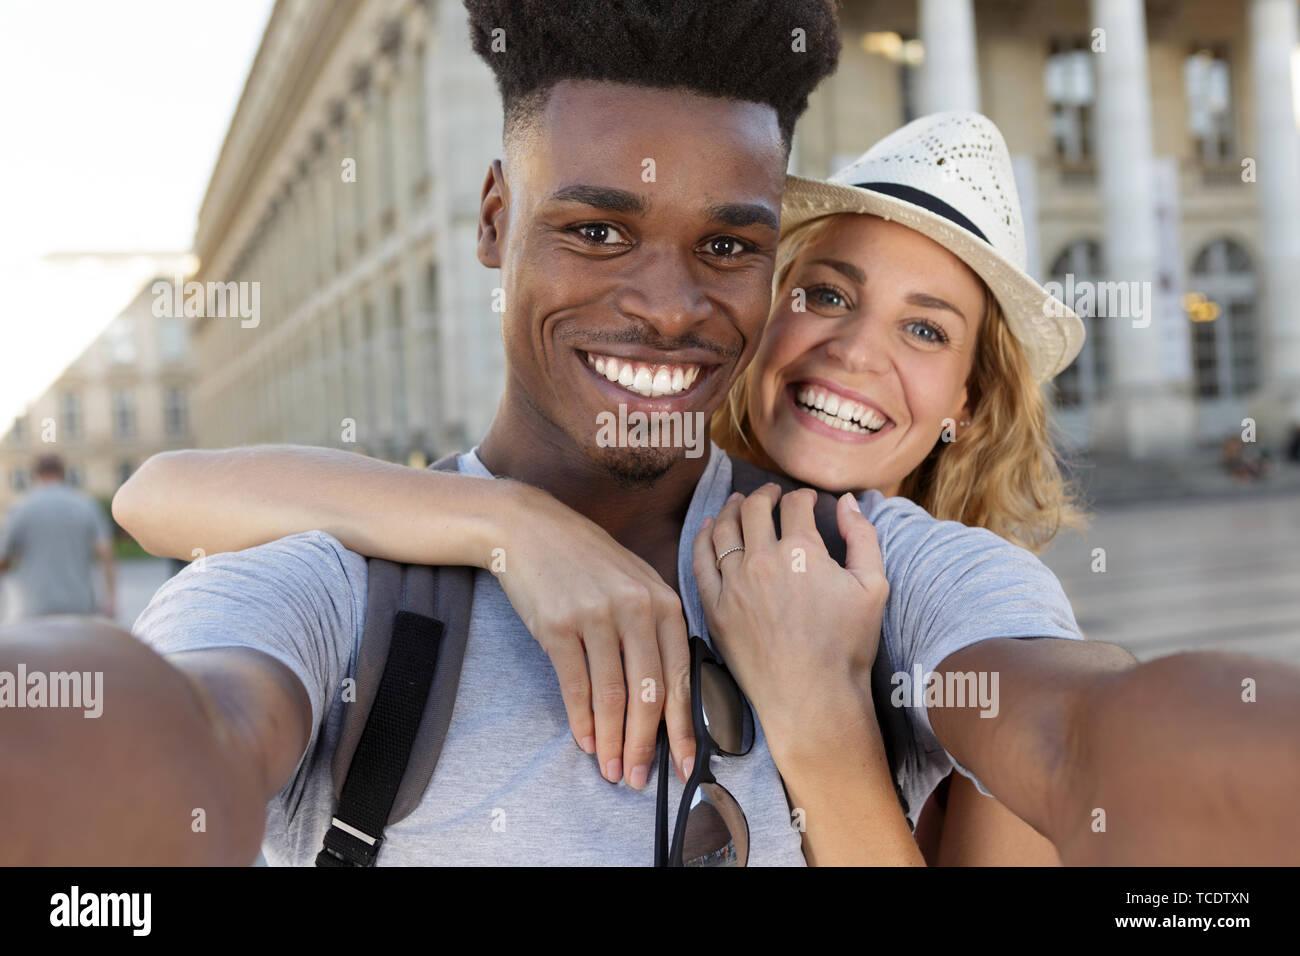 Dating-Seiten für gemischte Paare Restaurante Haken